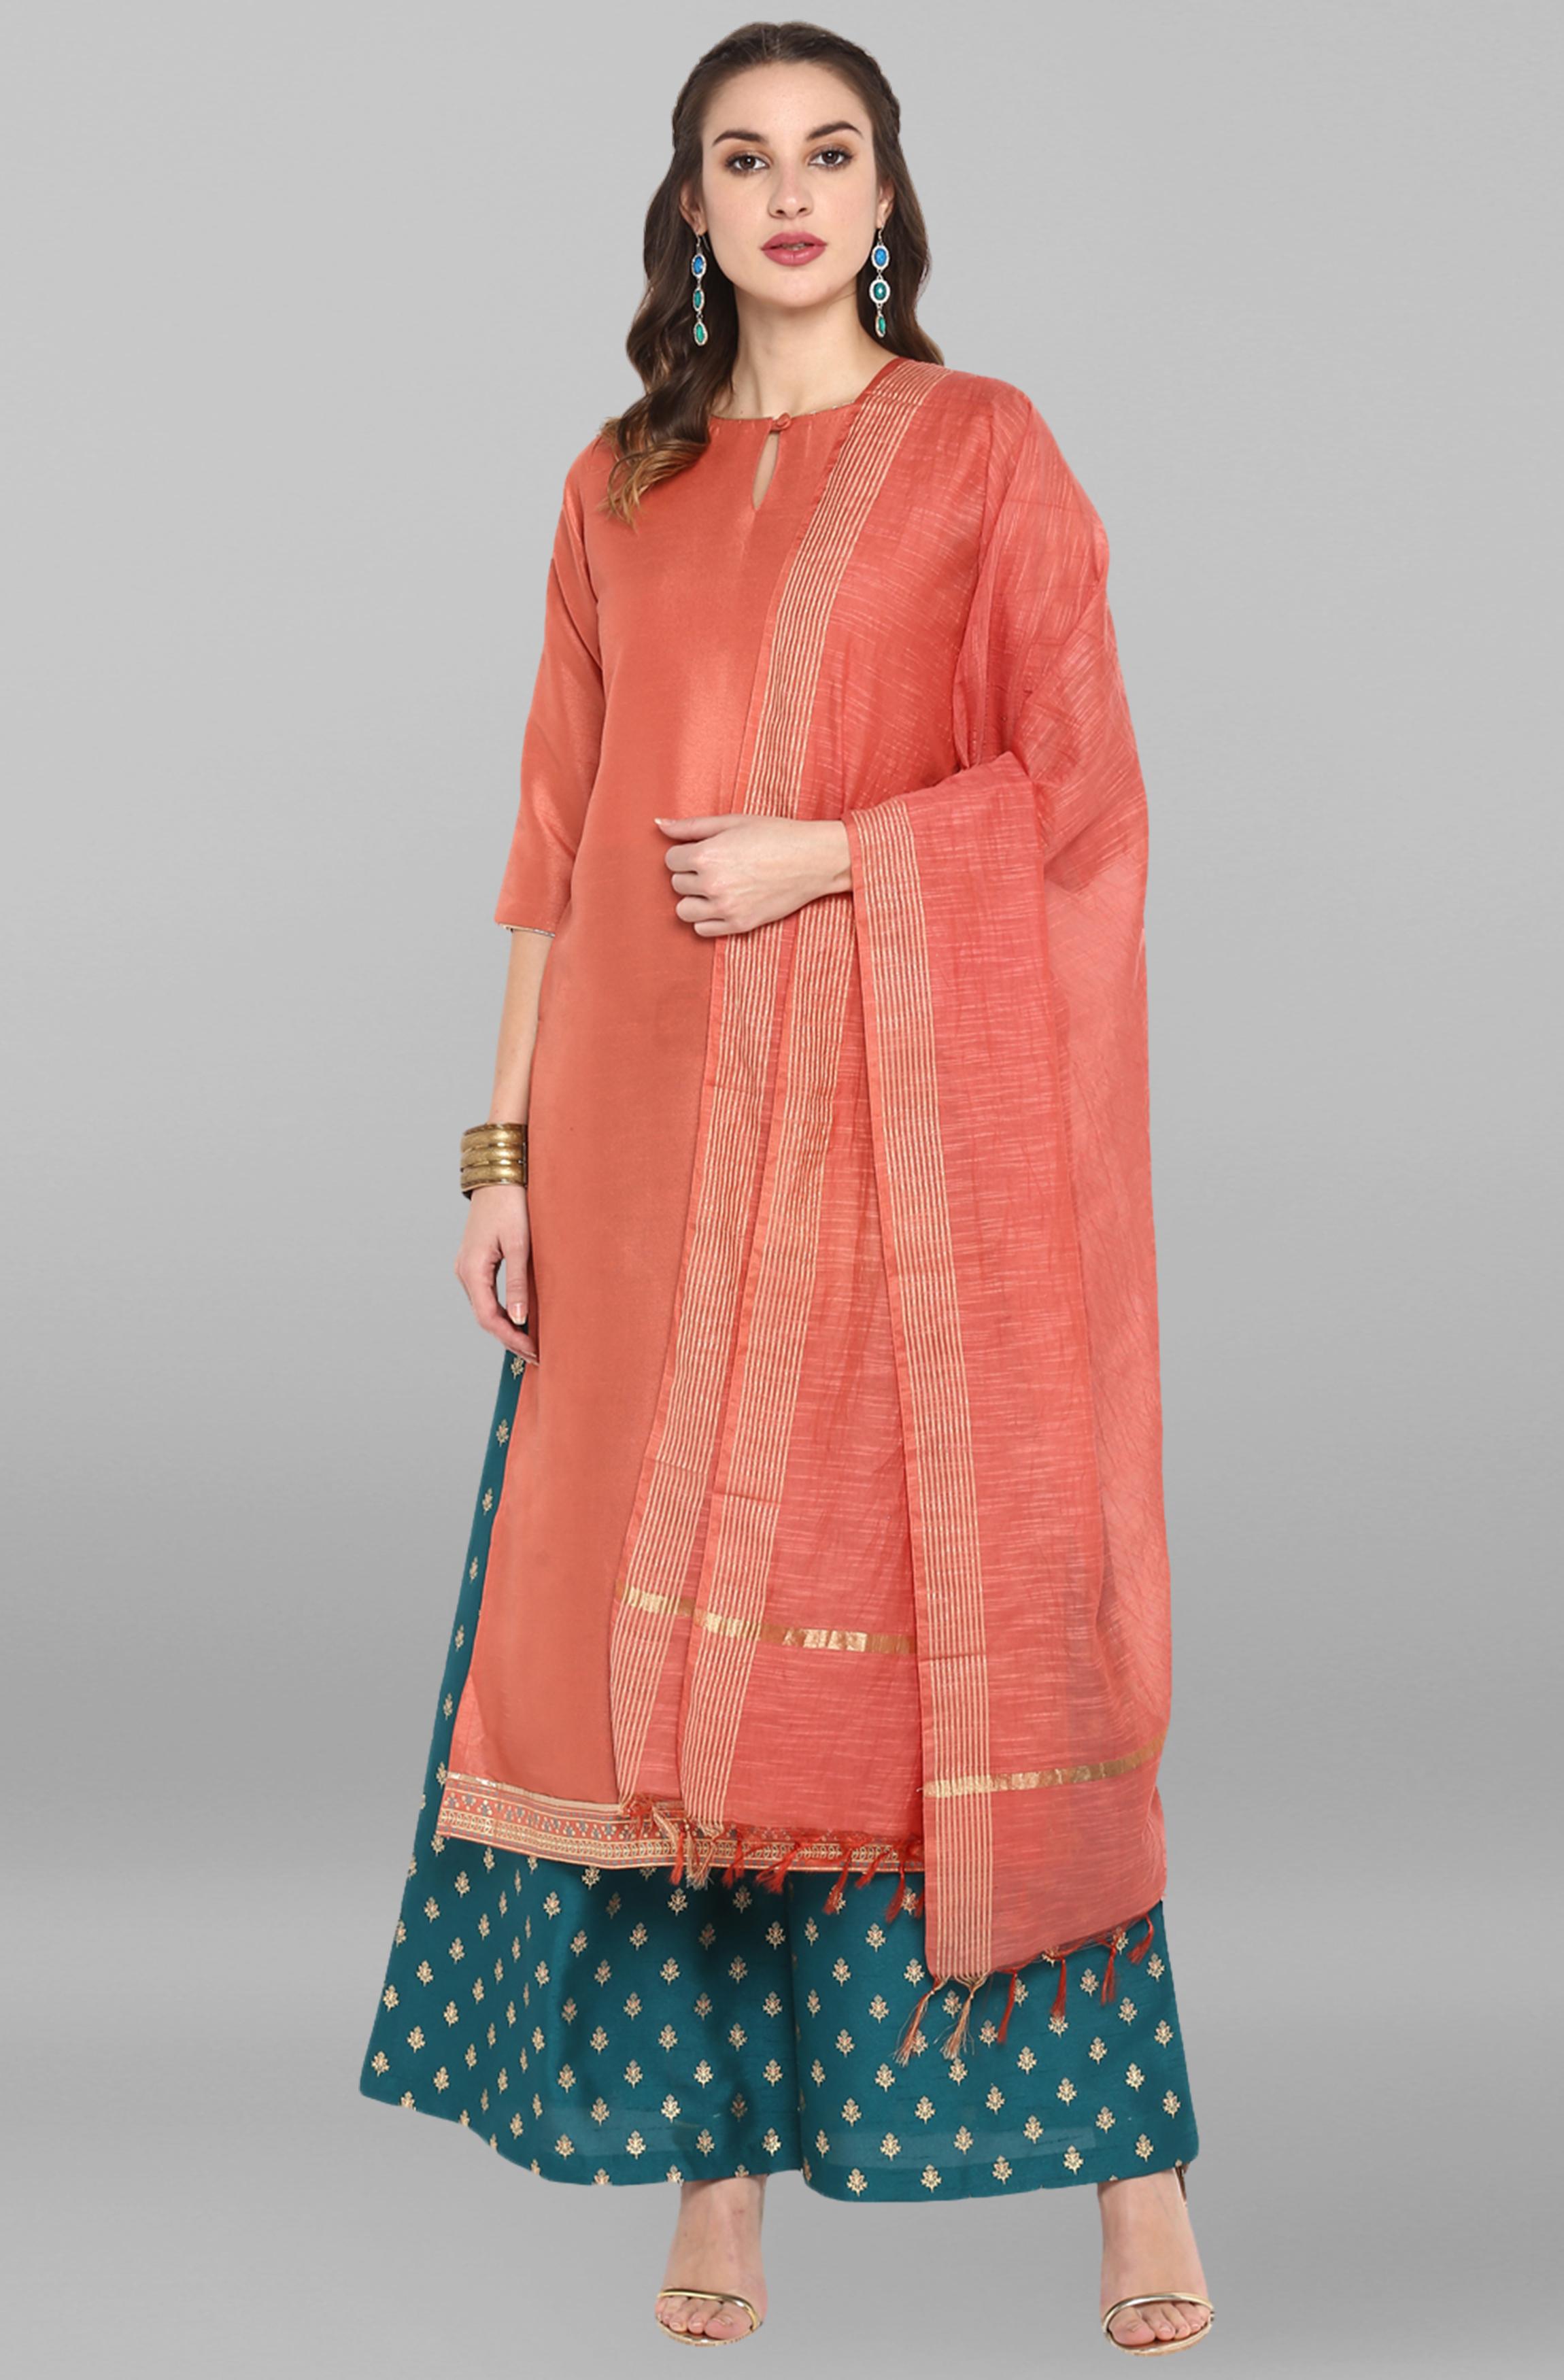 Janasya | Janasya Women's Pink Poly Silk Kurta With Palazzo and Dupatta